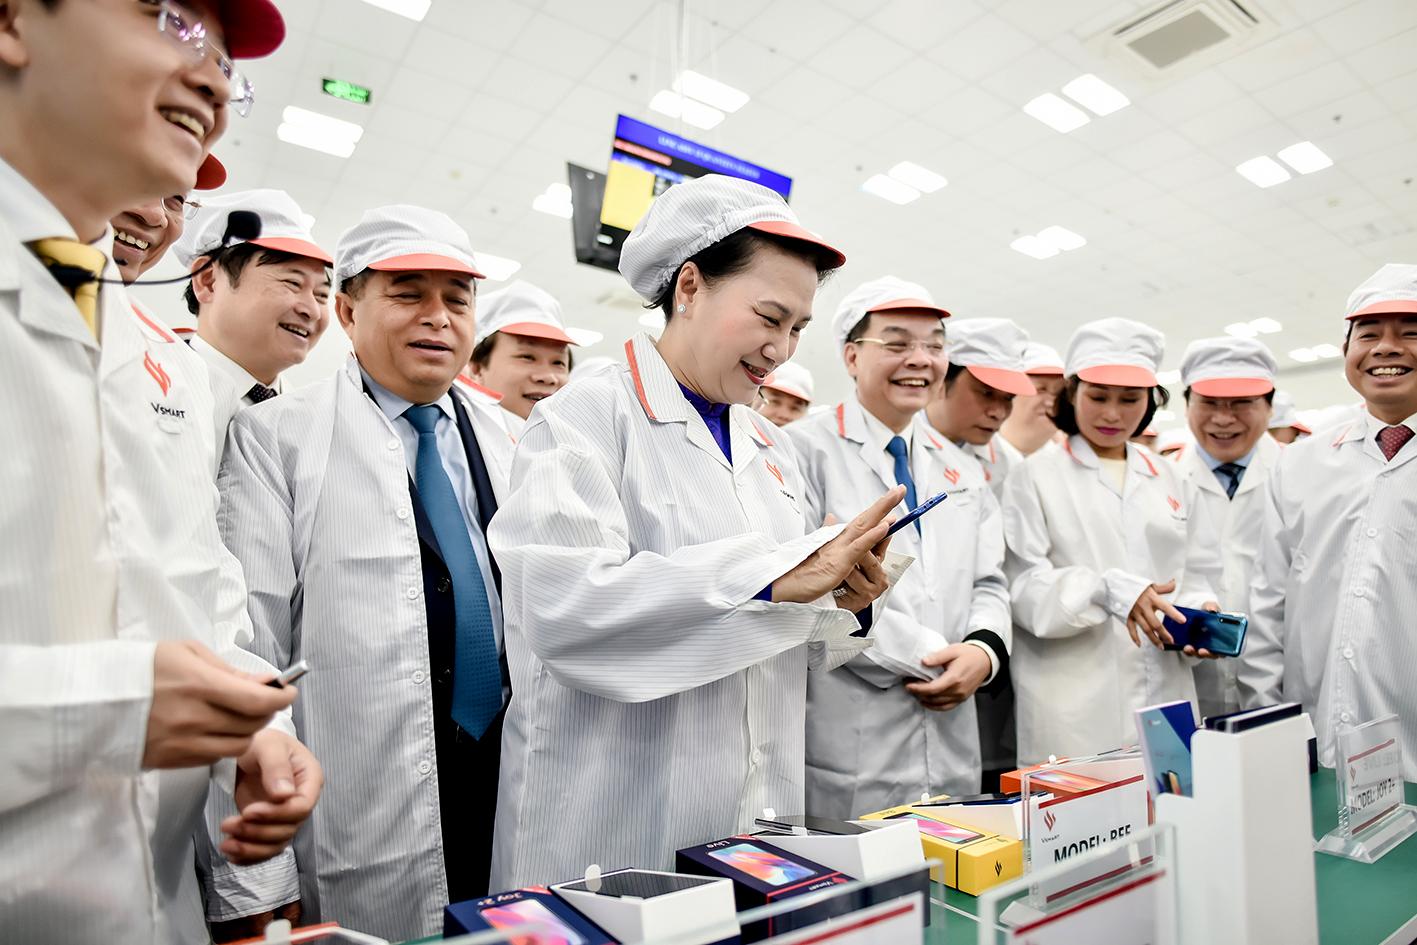 Các đại biểu đi thăm dây chuyền sản xuất và các sản phẩm của Nhà máy sản xuất thiết bị điện tử thông minh VinSmart